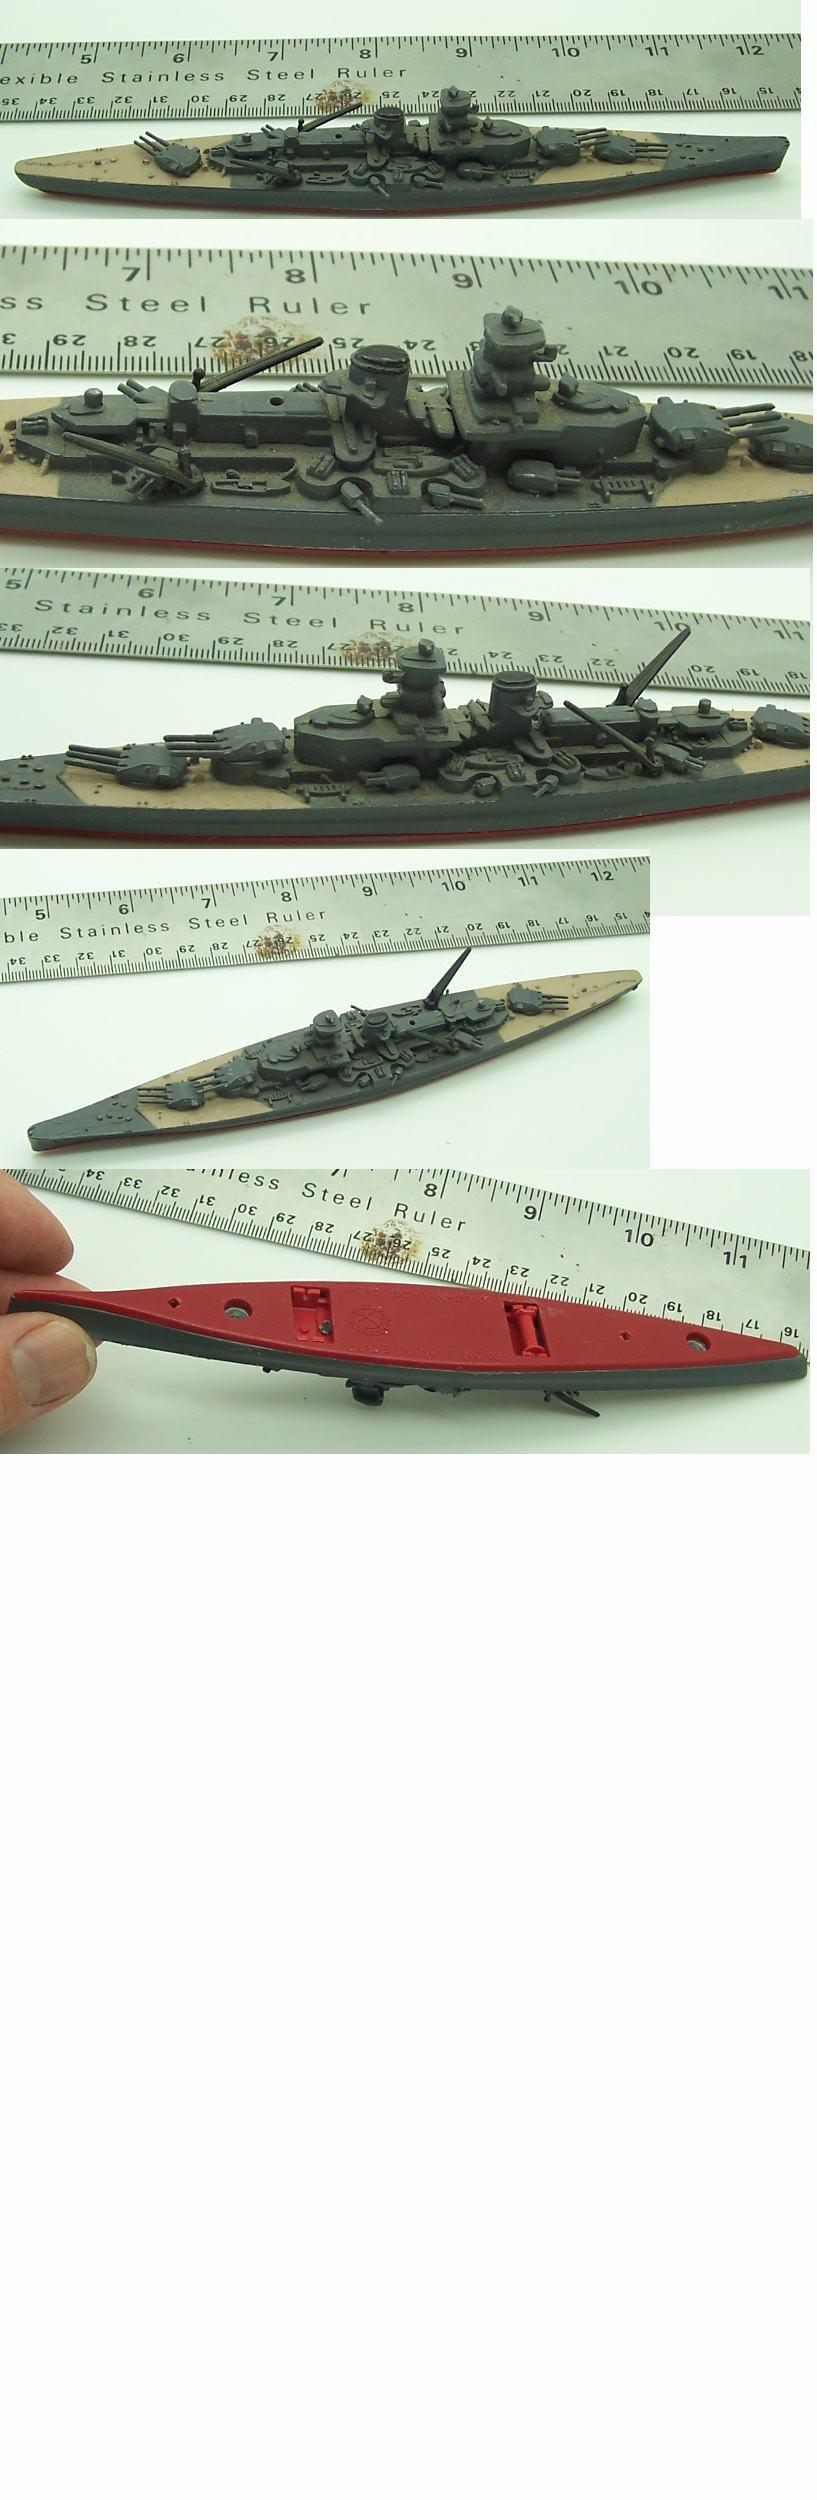 Scale Model of Scharnhorst